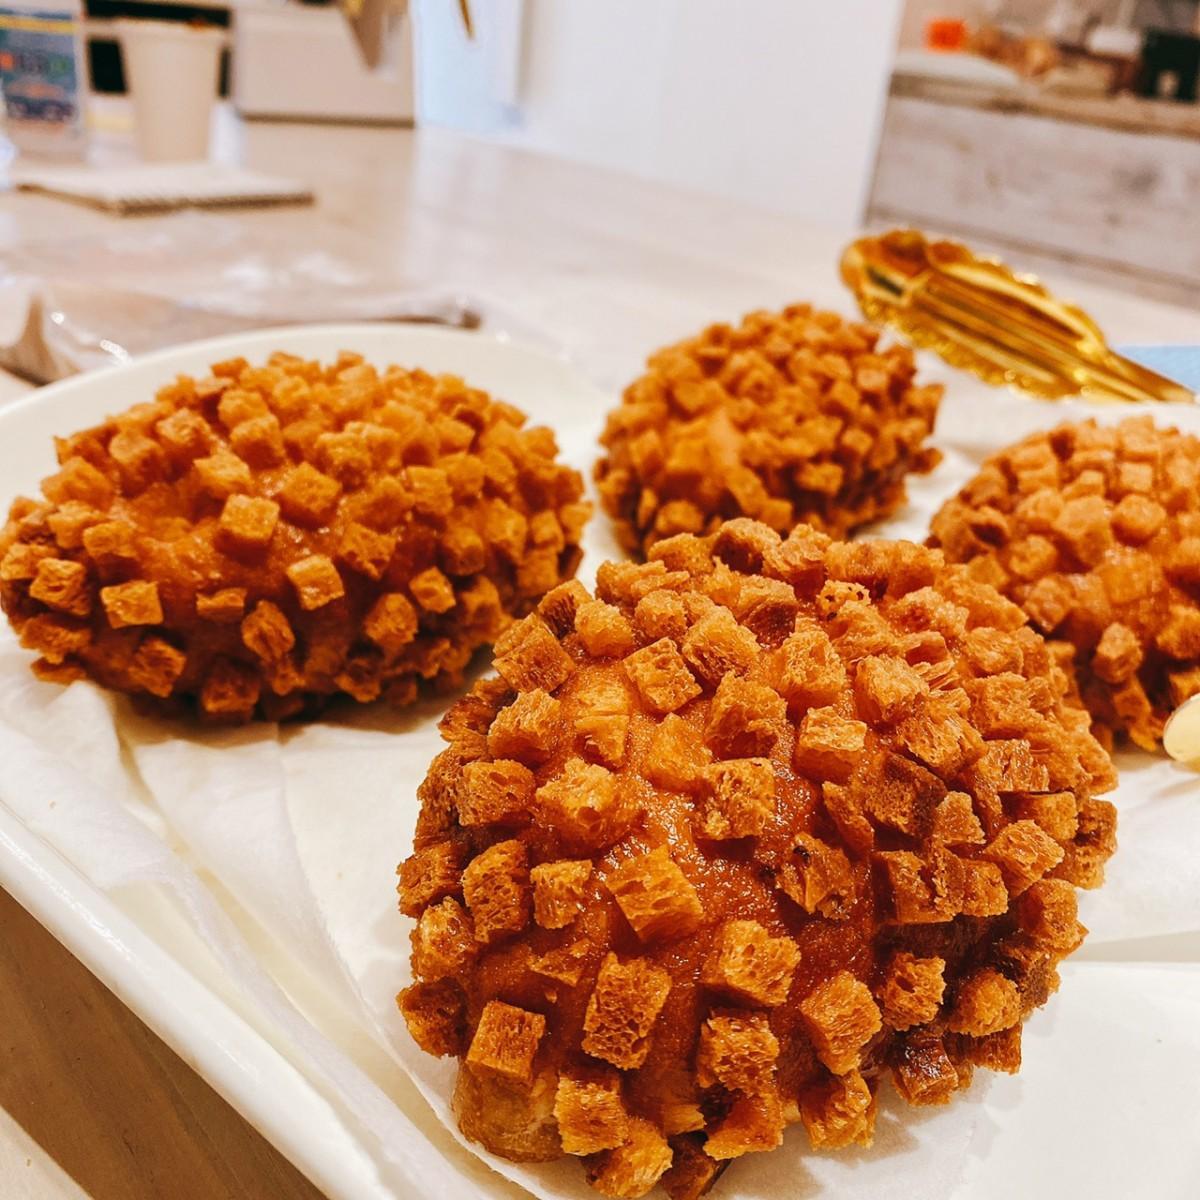 金賞受賞の「ザックザクカレーパン」は、周りに付いたクルトンの食感が特徴